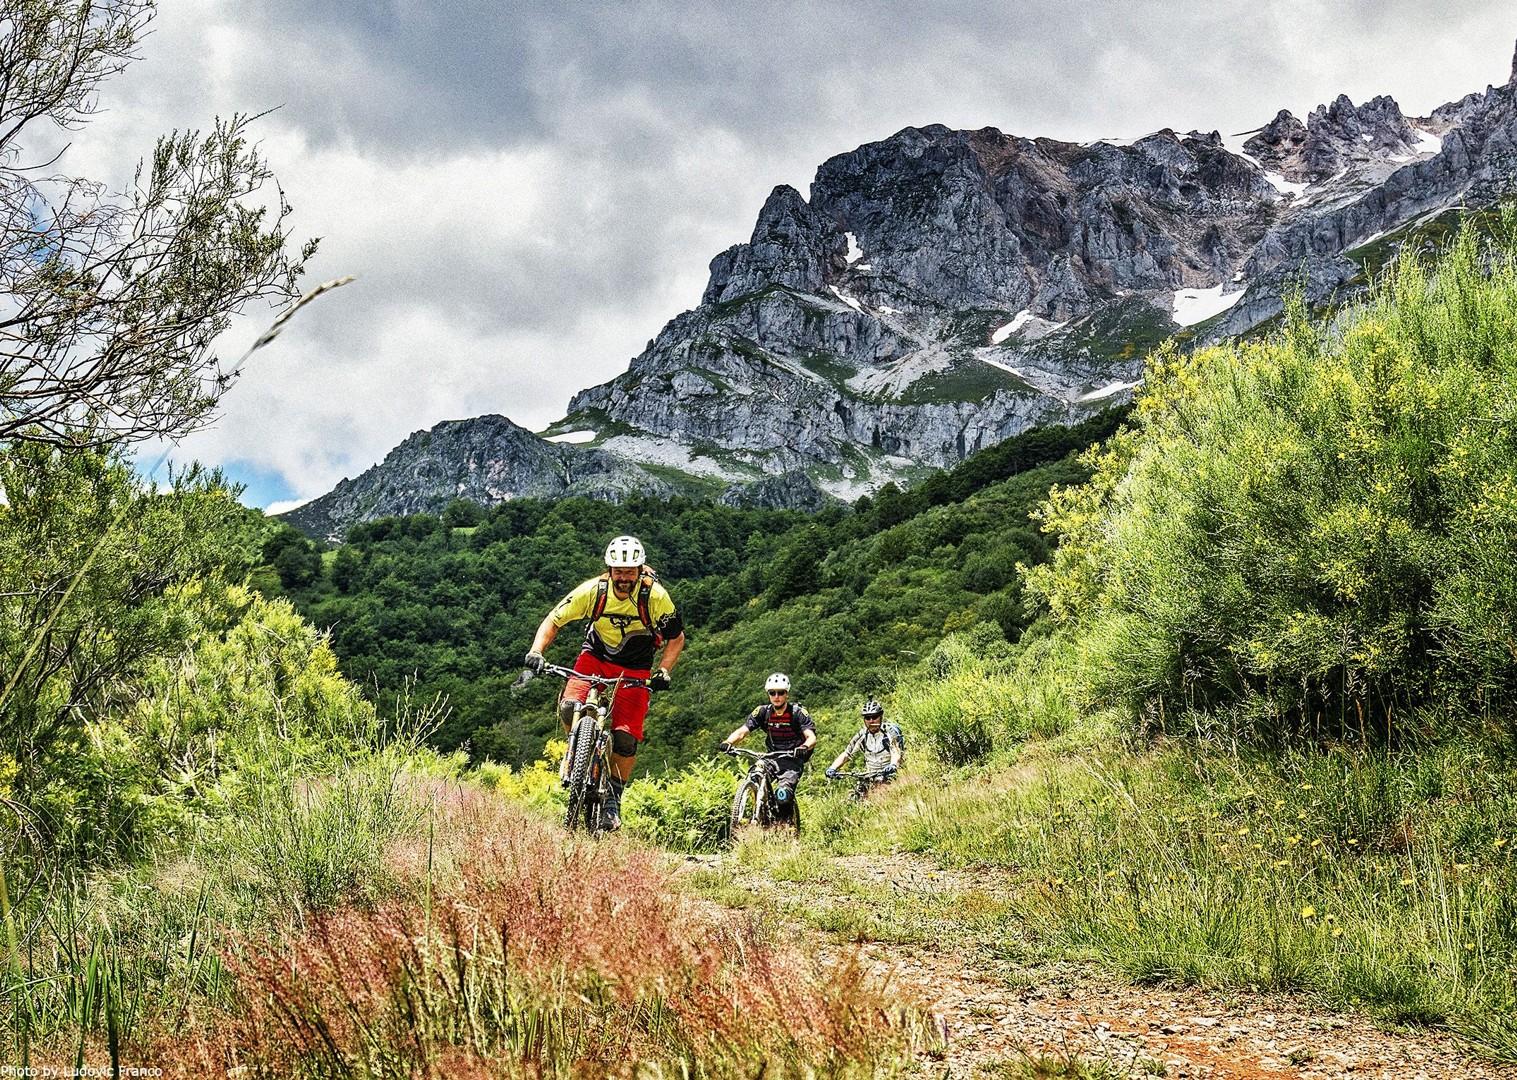 _1050527.jpg - Spain - Picos de Europa - Trans Picos - Guided Mountain Bike Holiday - Mountain Biking